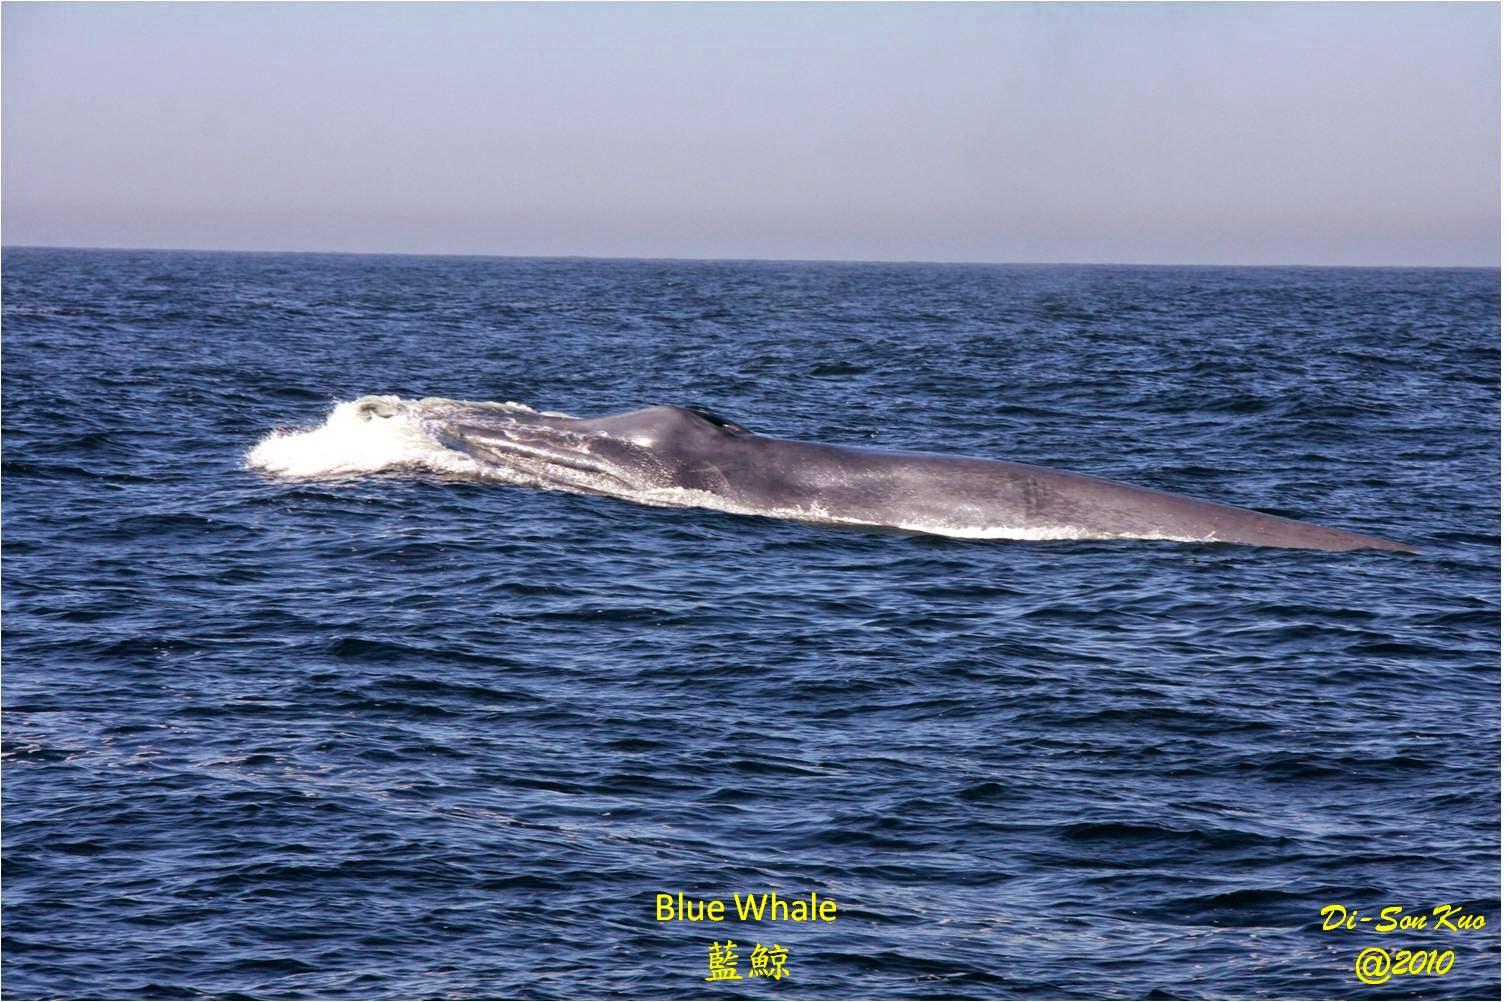 行雲隨筆: 舊金山附近的鯨魚和海豚 (三)